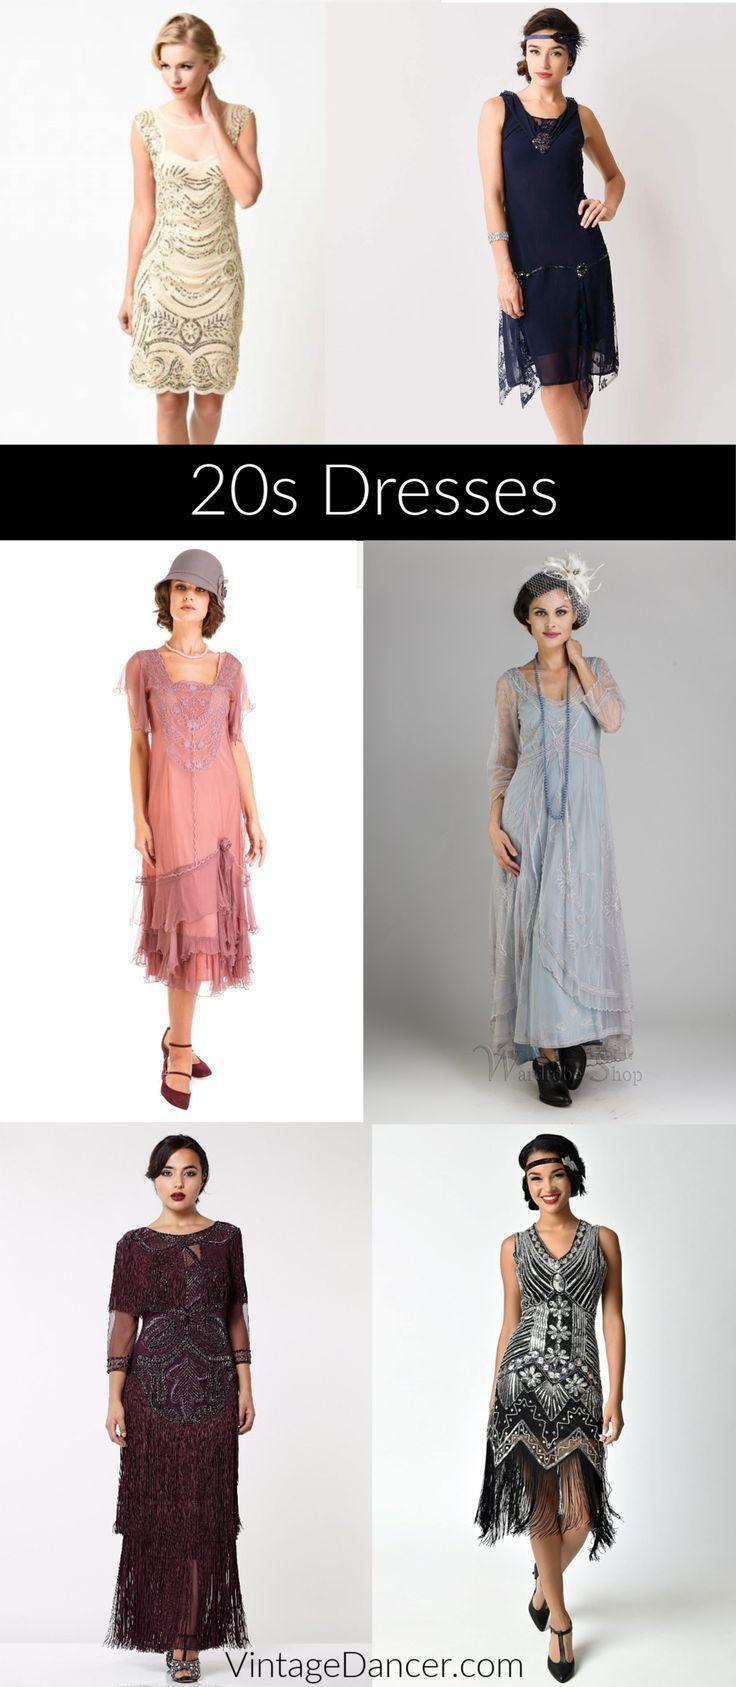 Kleider im Stil der 11er Jahre: Flapper-Kleider zu Gatsby